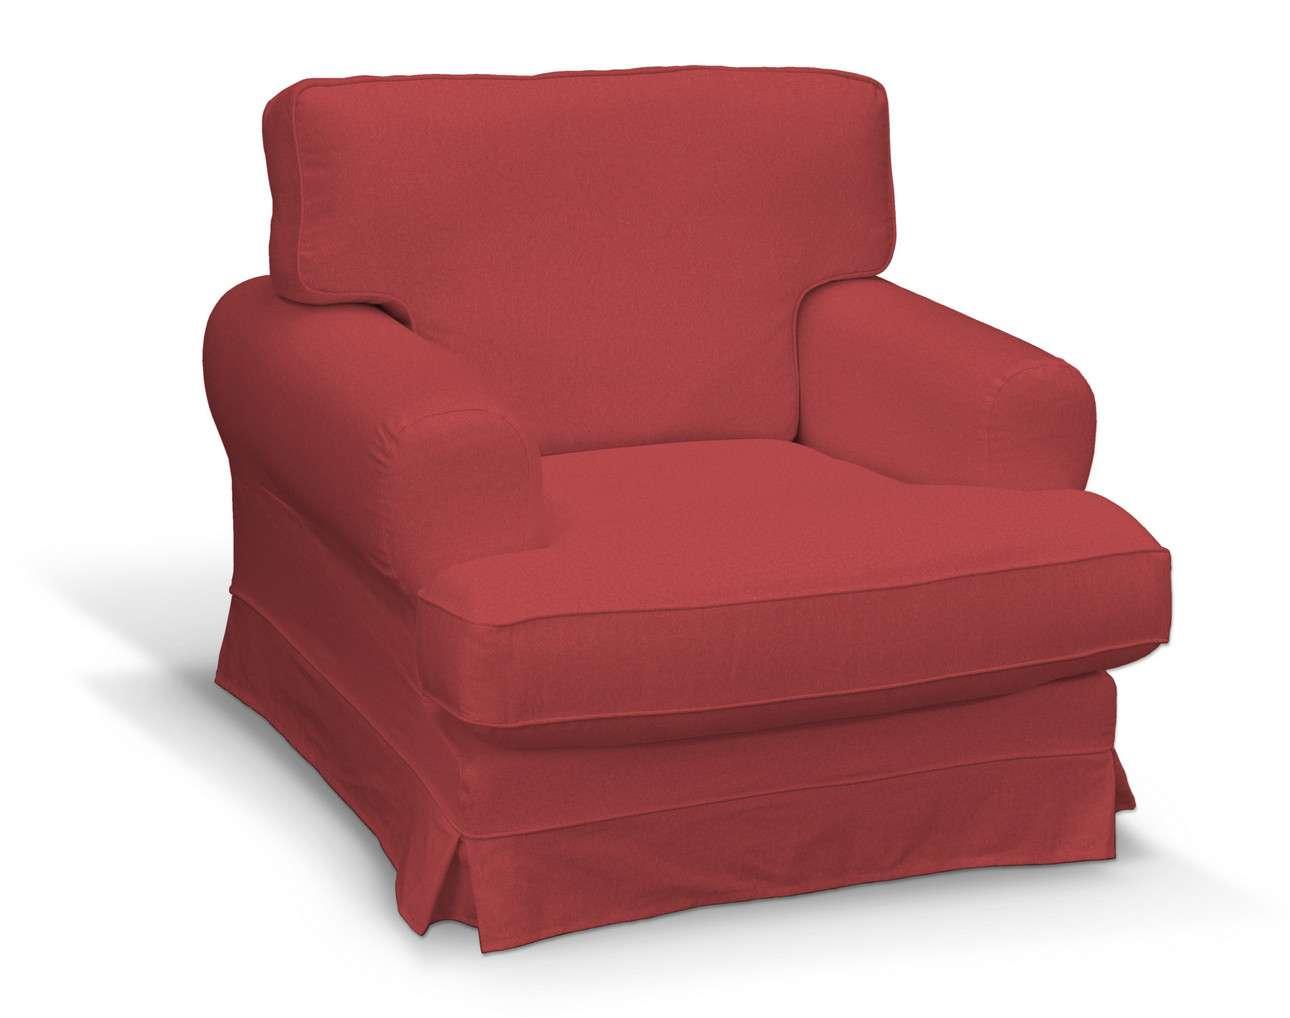 Pokrowiec na fotel Ekeskog w kolekcji Living, tkanina: 161-56